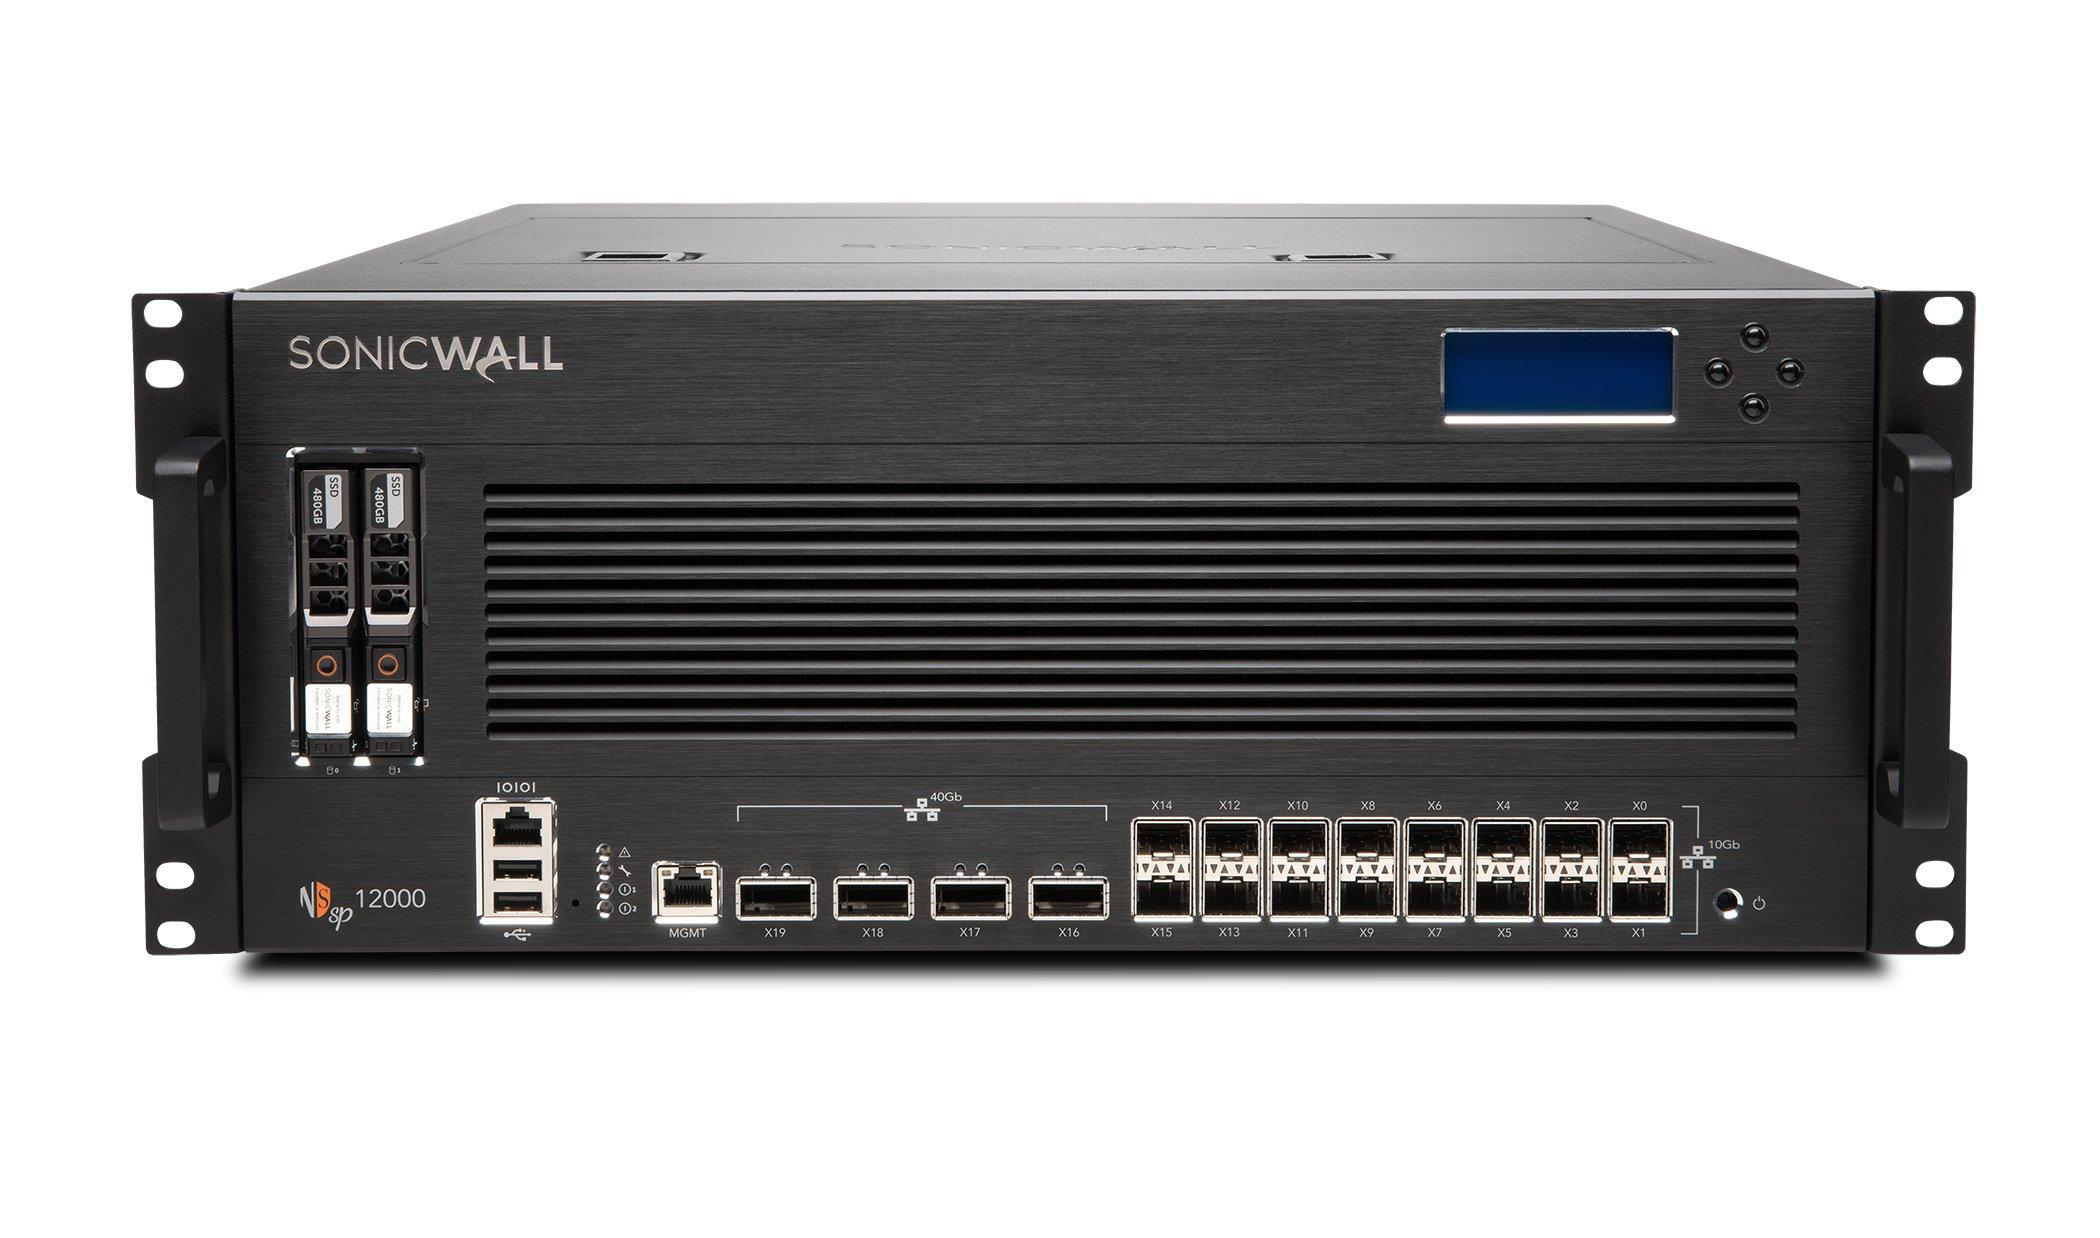 High End Firewalls